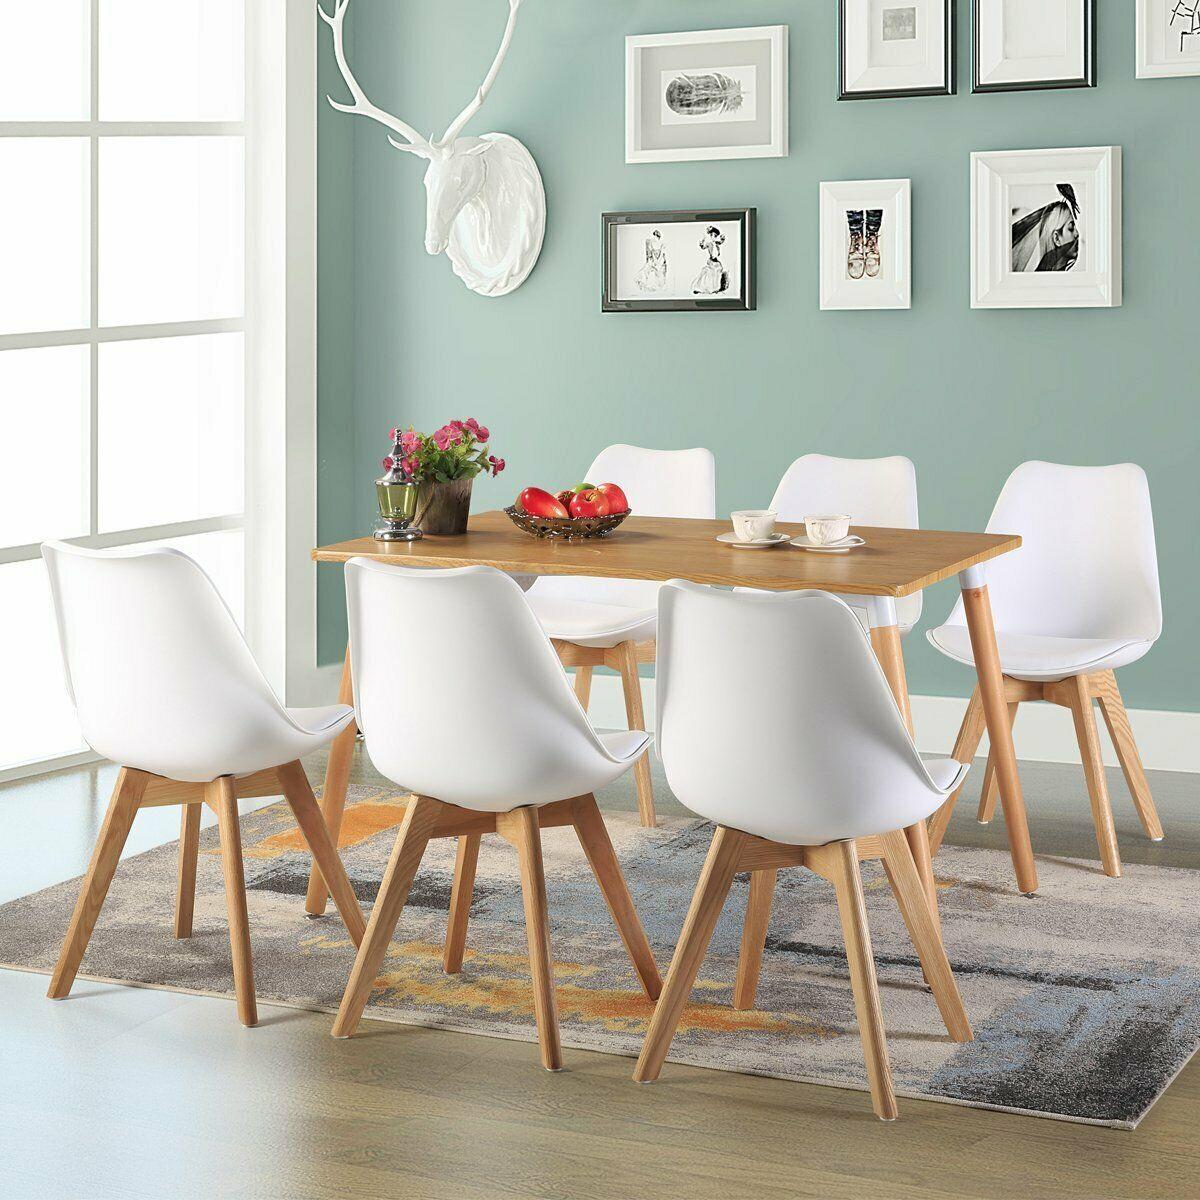 Details Zu Esszimmerstuhle 2x 4x Set Stuhl Kuchenstuhl